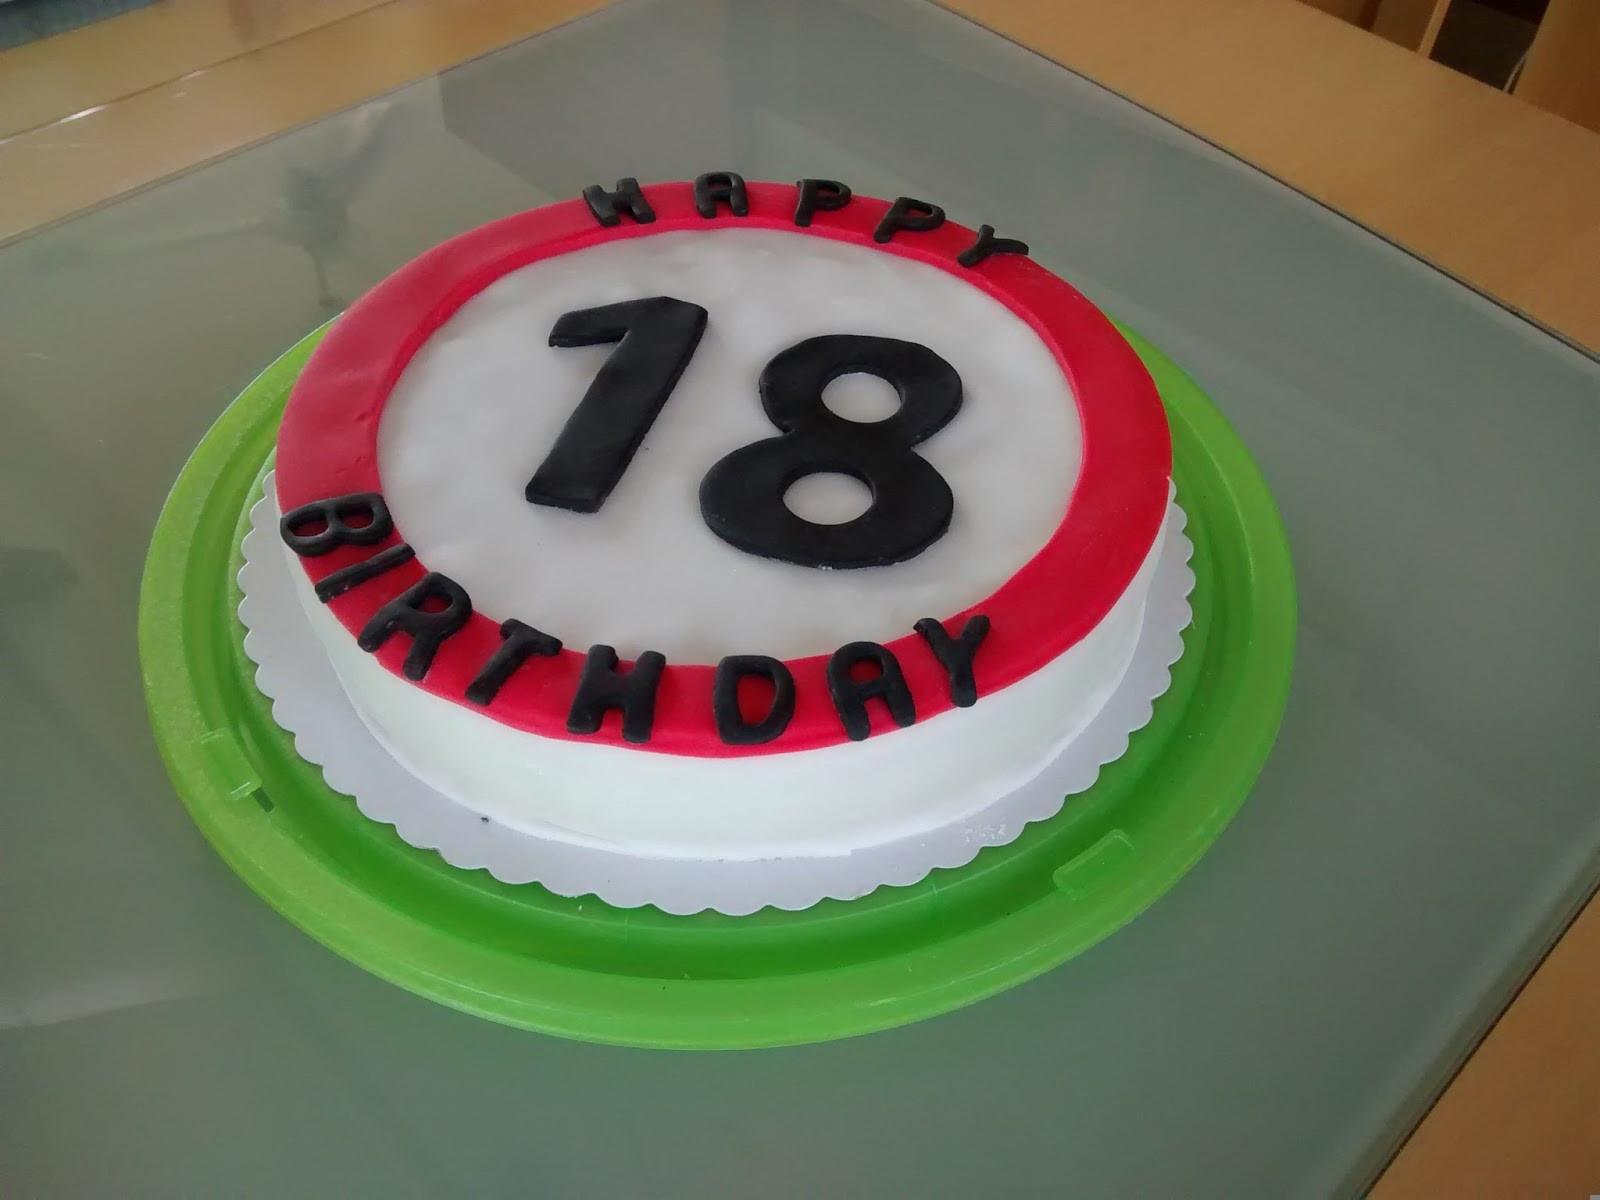 Geburtstagstorte 18. Geburtstag  Twink e Baking Torte zum 18 Geburtstag